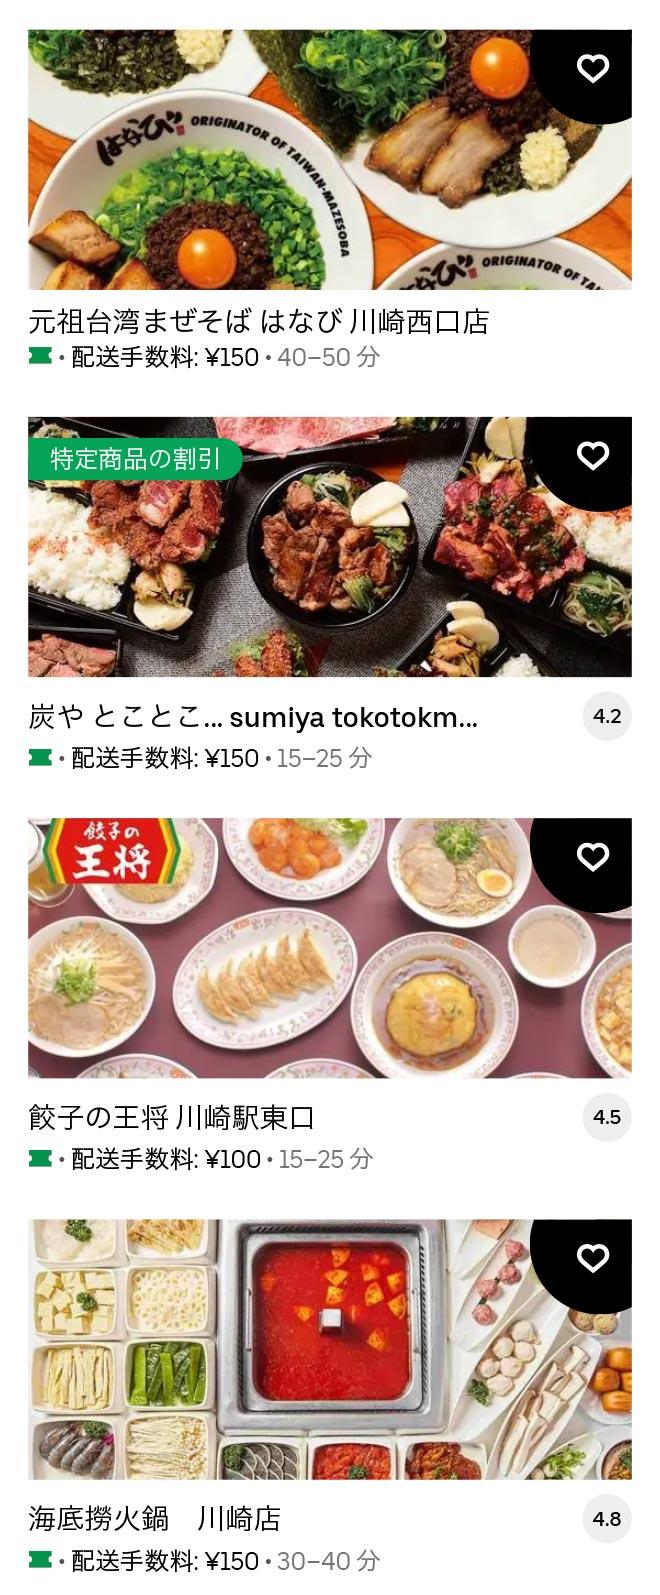 1 u kawasaki 2105 04